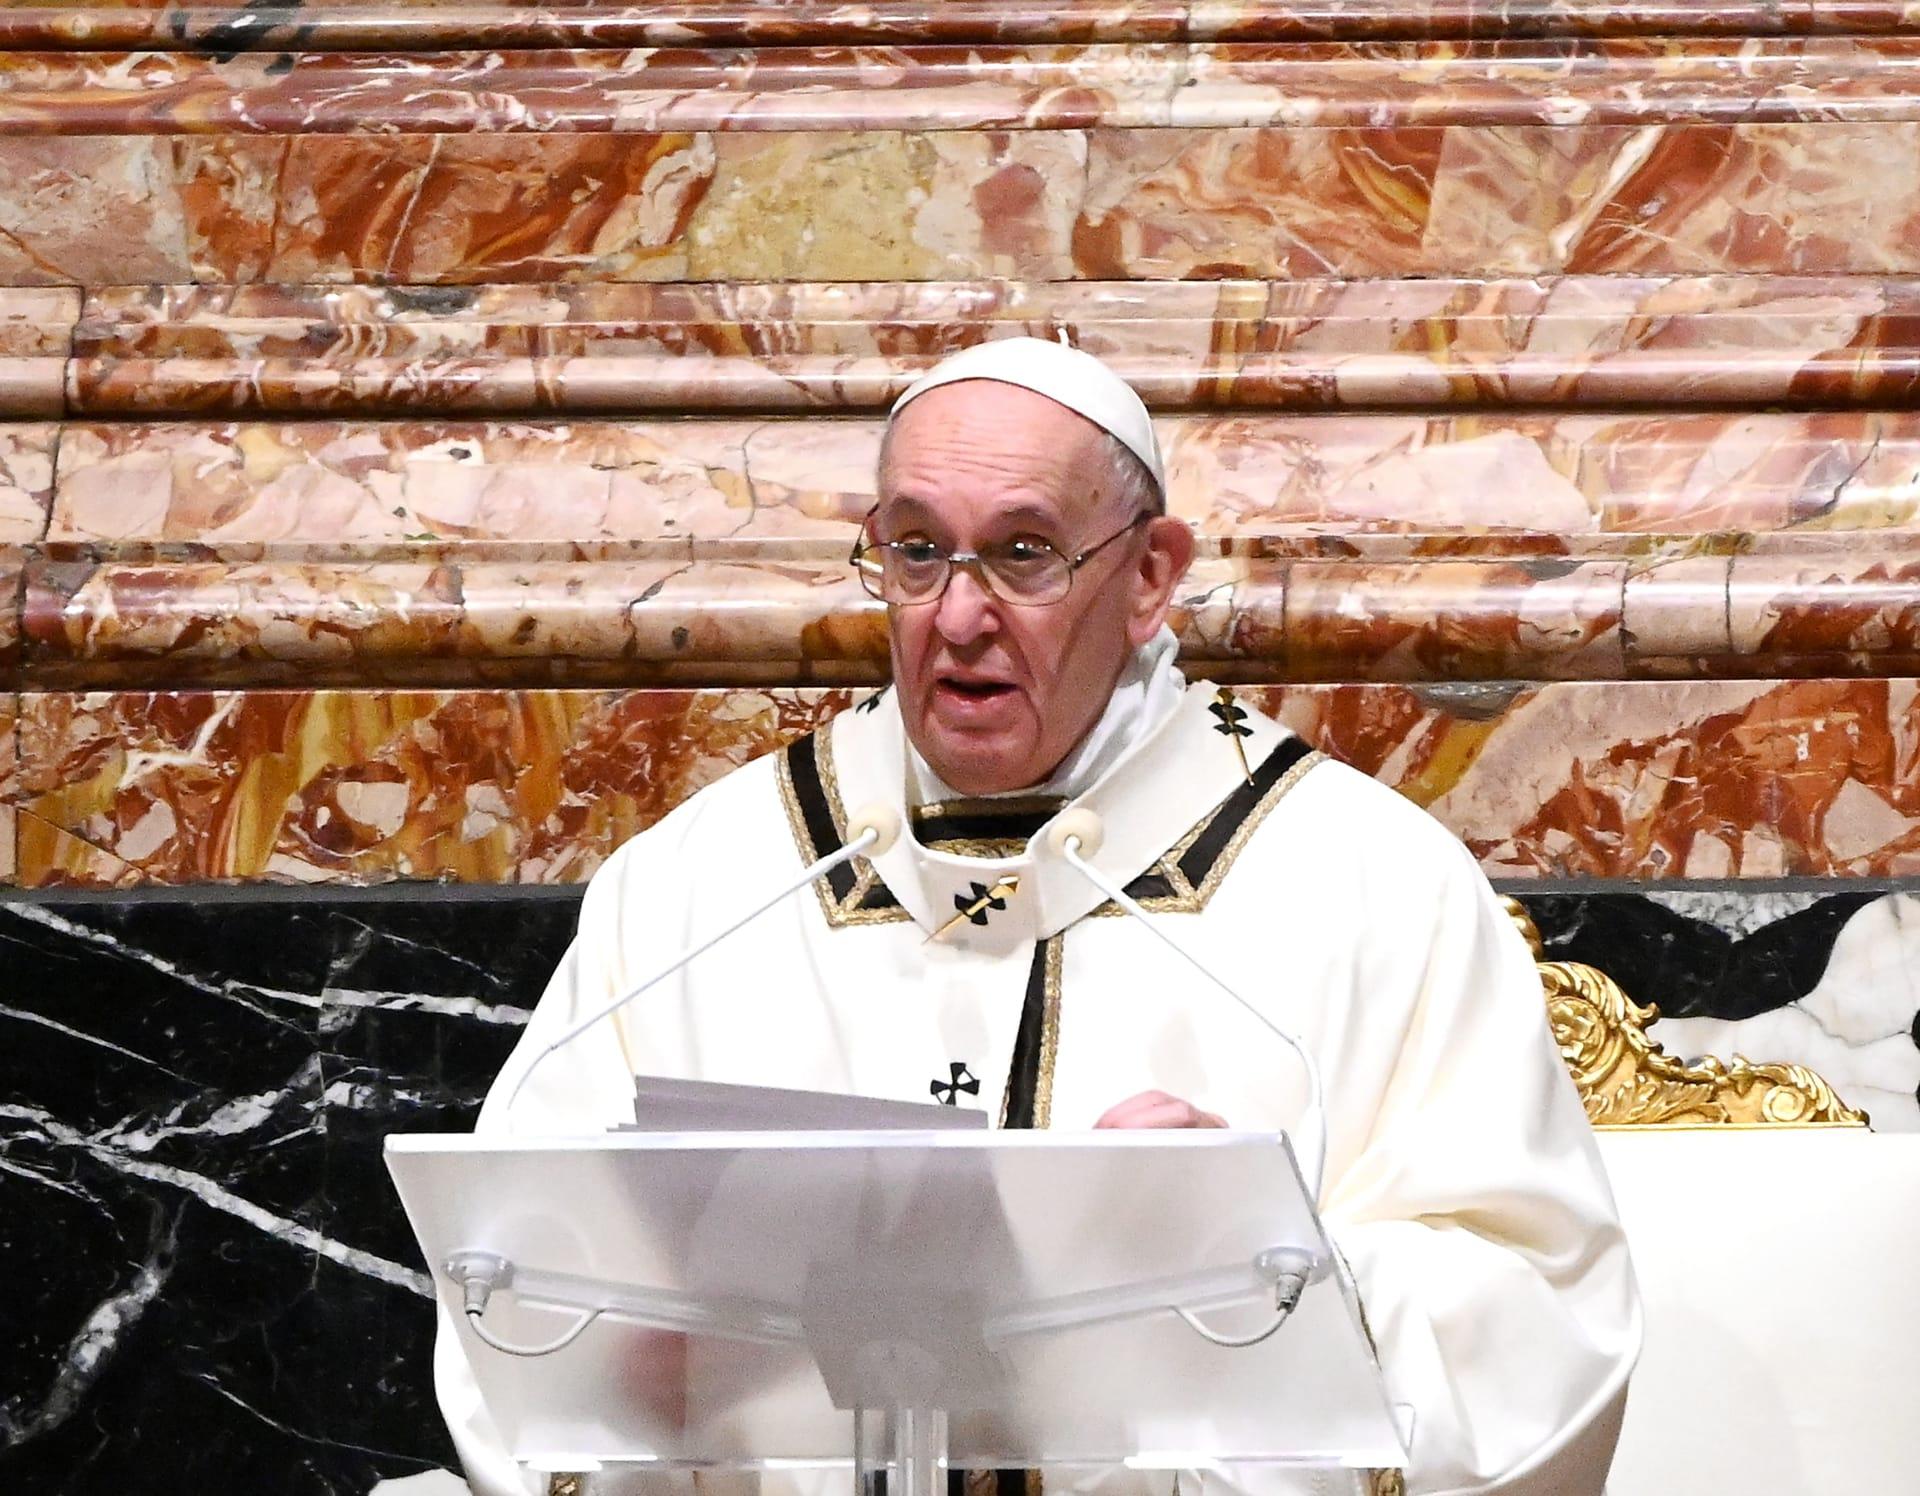 بابا الفاتيكان مُستعد لأخذ لقاح كورونا.. وهكذا رأى اقتحام الكونغرس